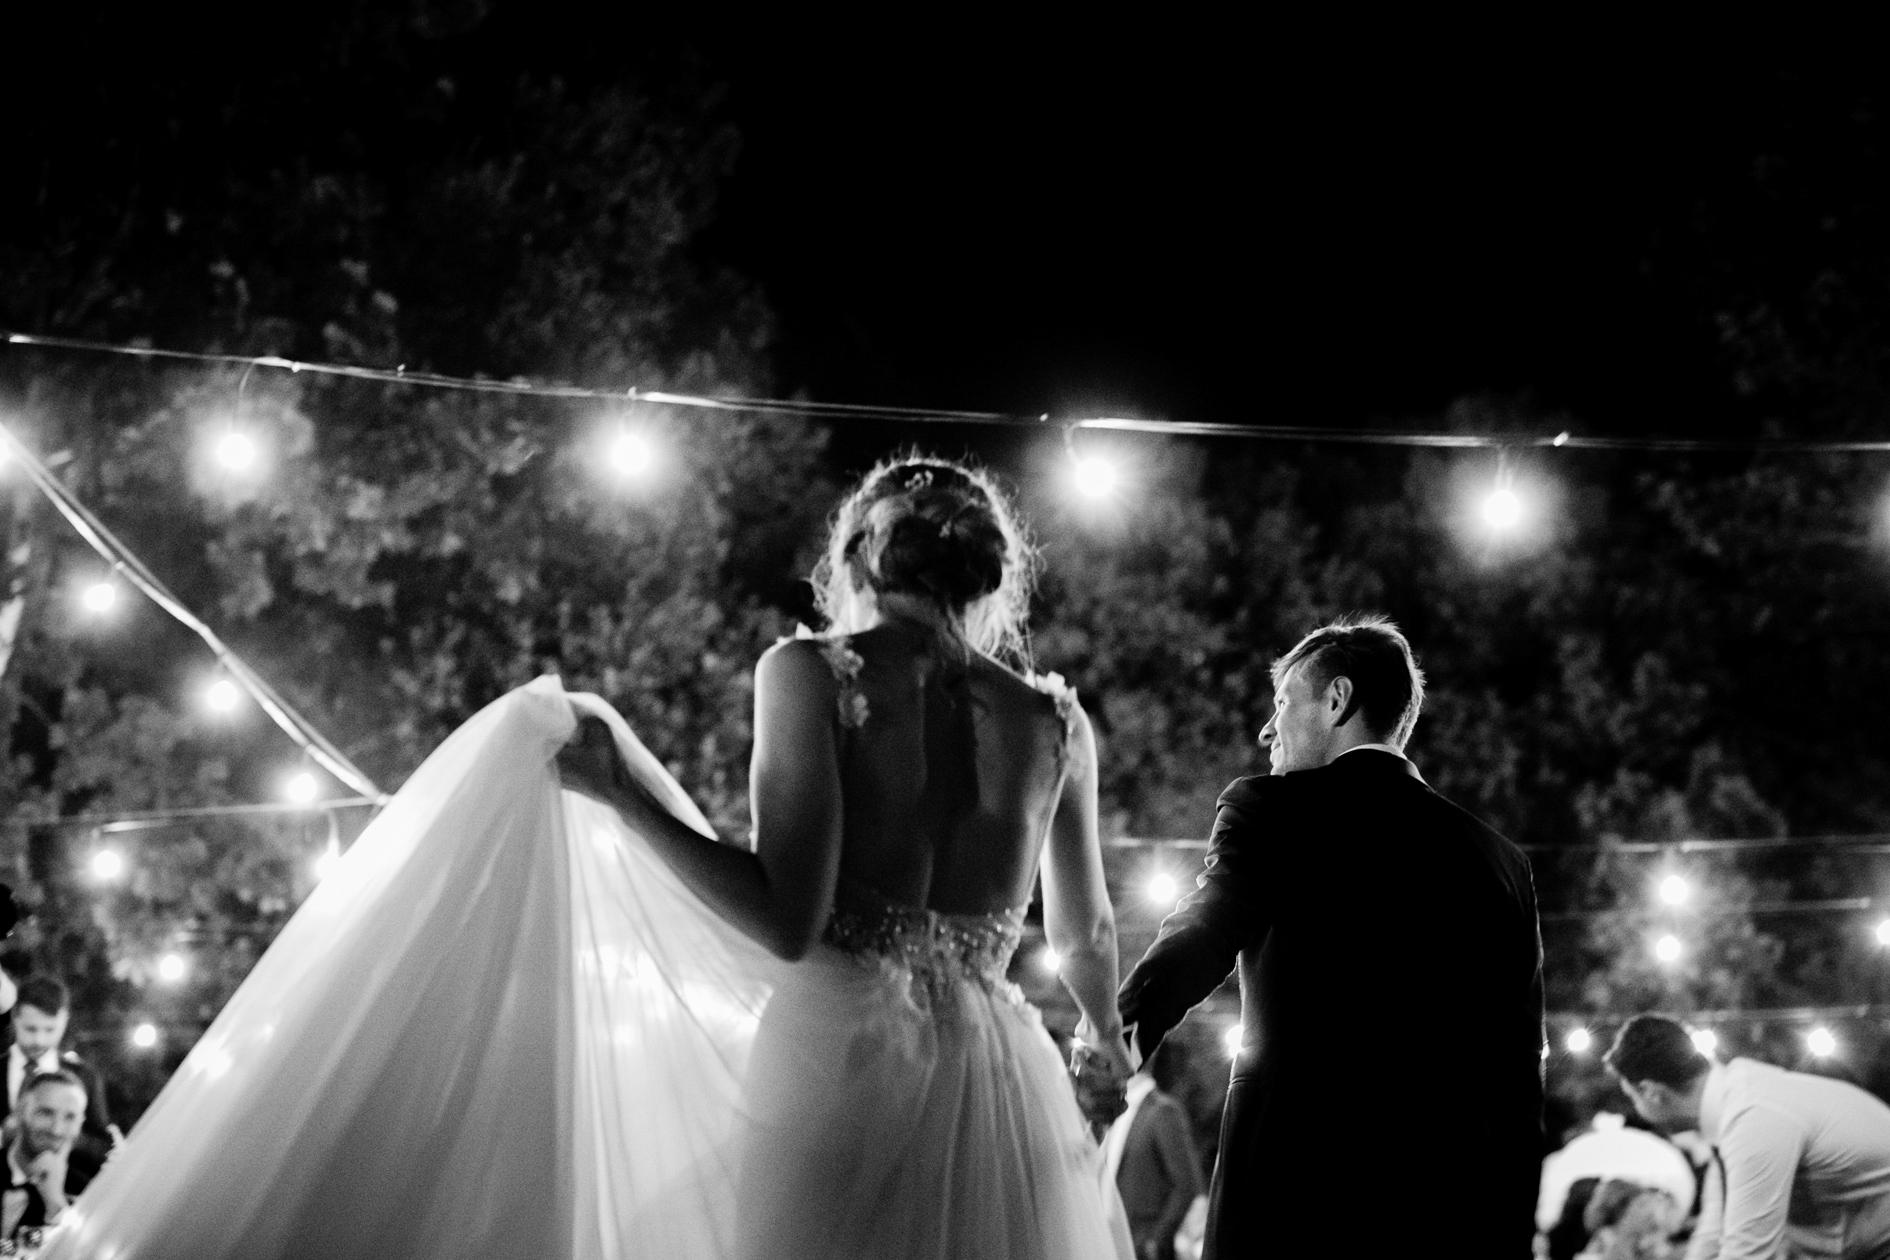 wedding realwedding americanwedding weddingphotography destinationwedding